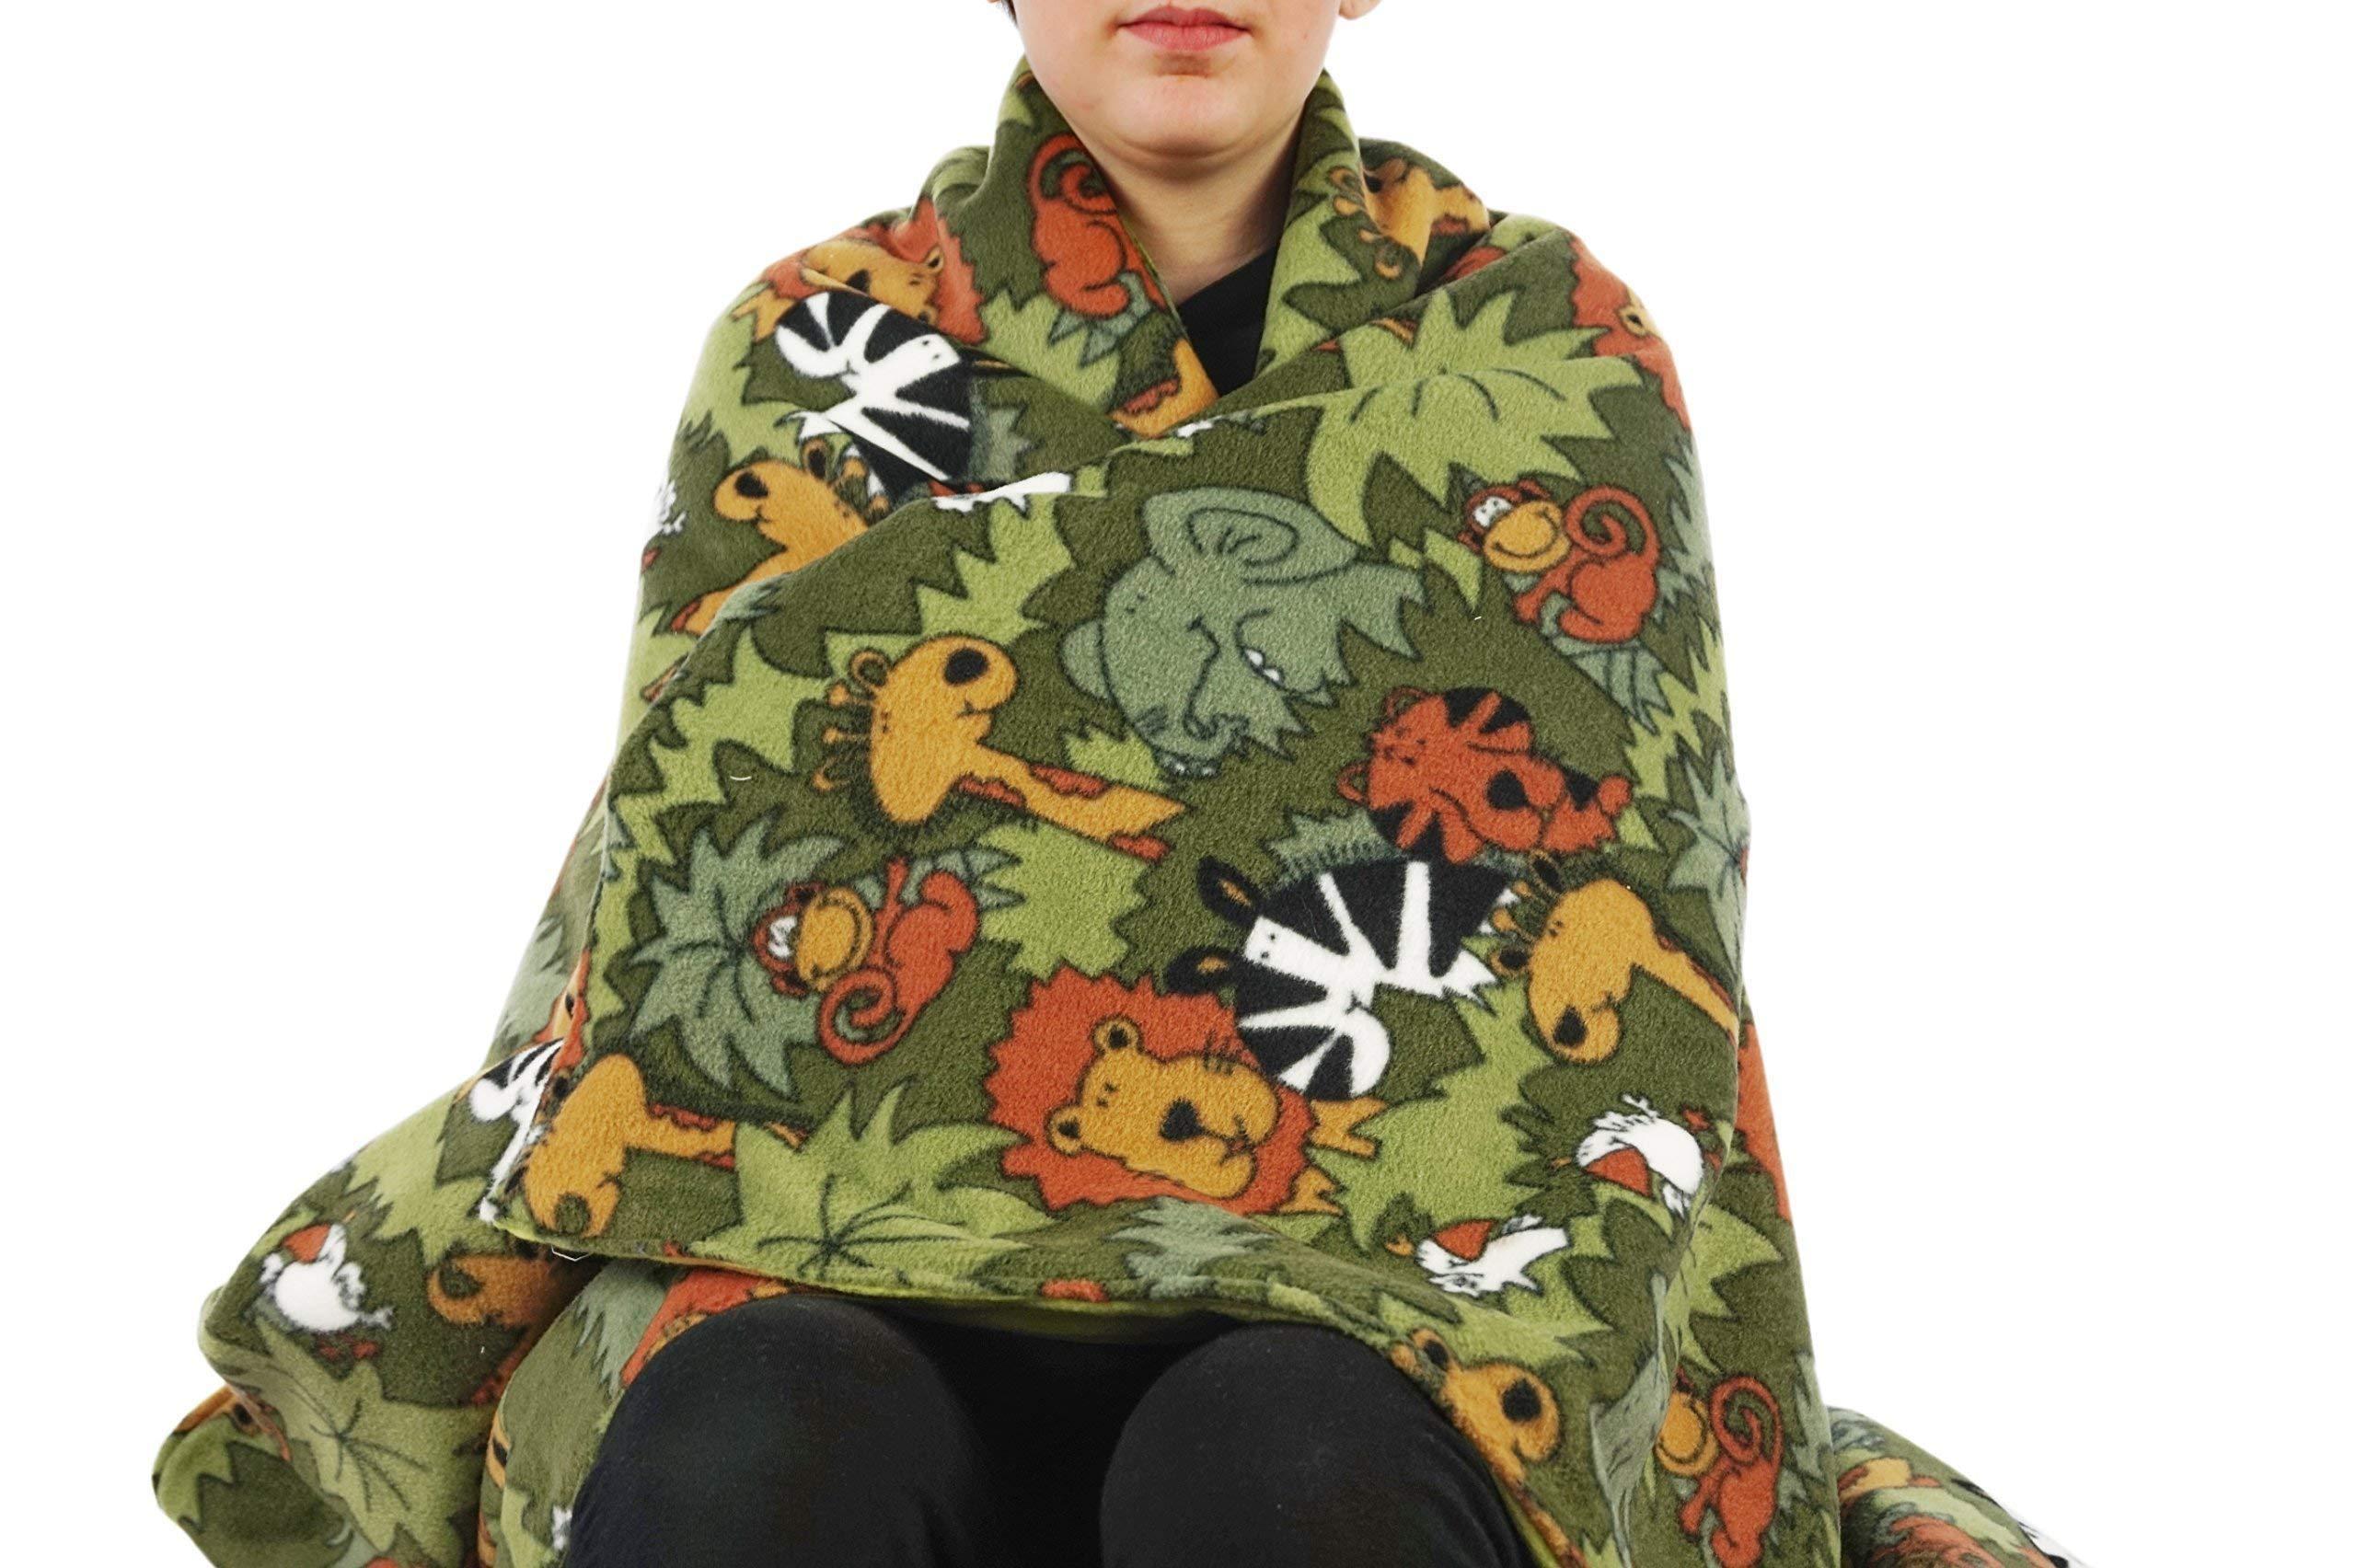 Fleece throw blanket- Jungle animals